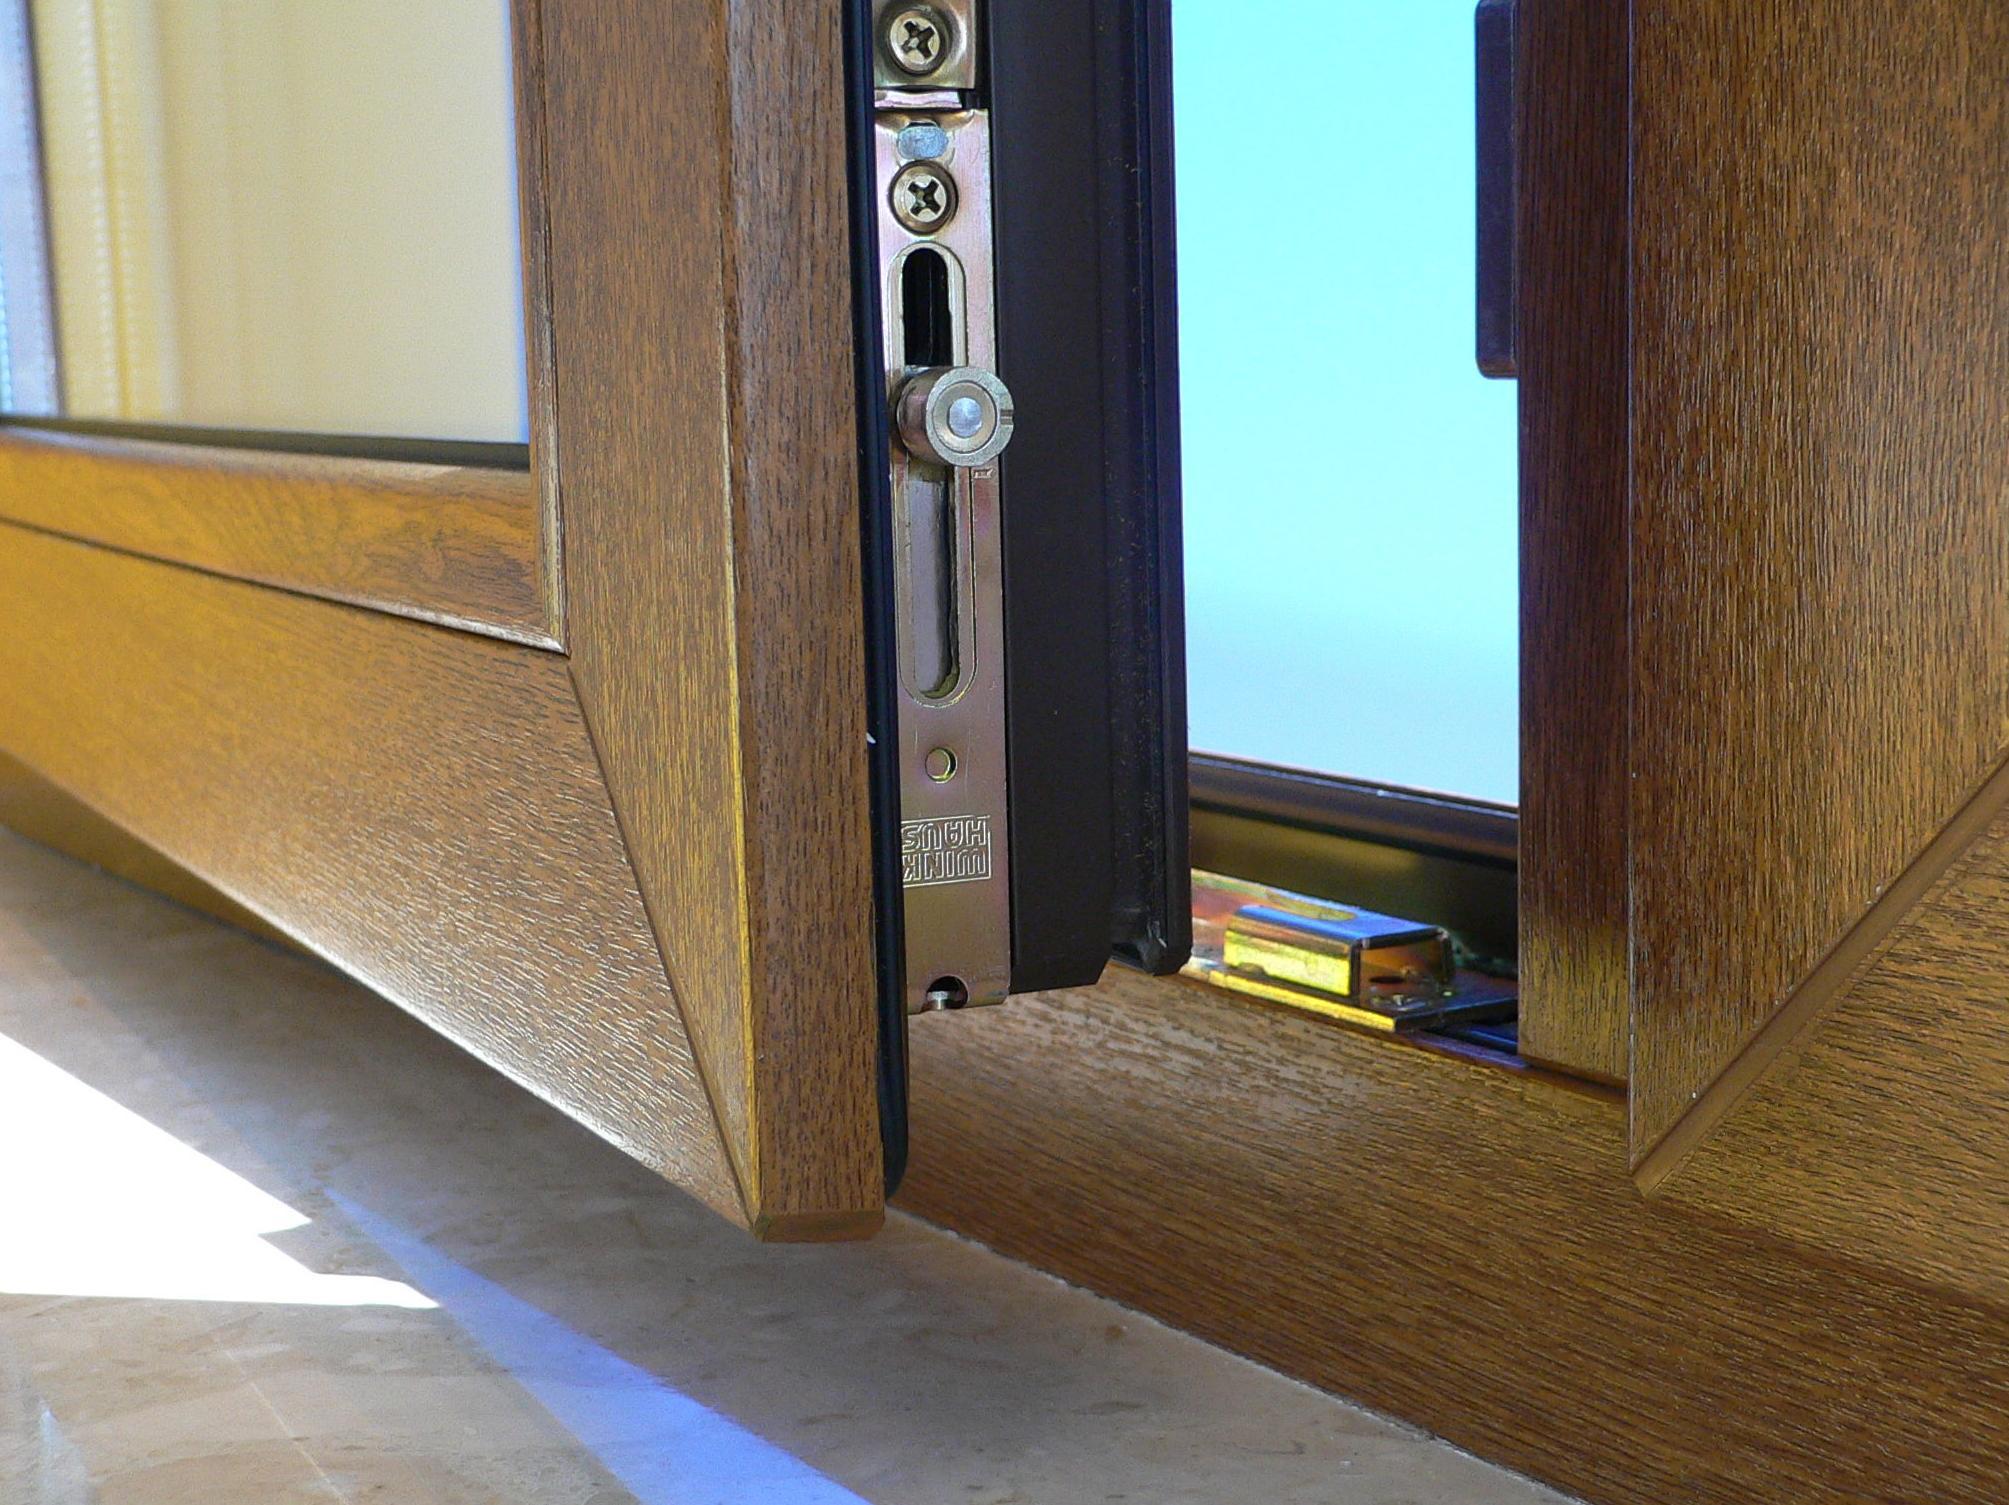 Jupa, carpintería de aluminio, sustitución de puertas y ventanas